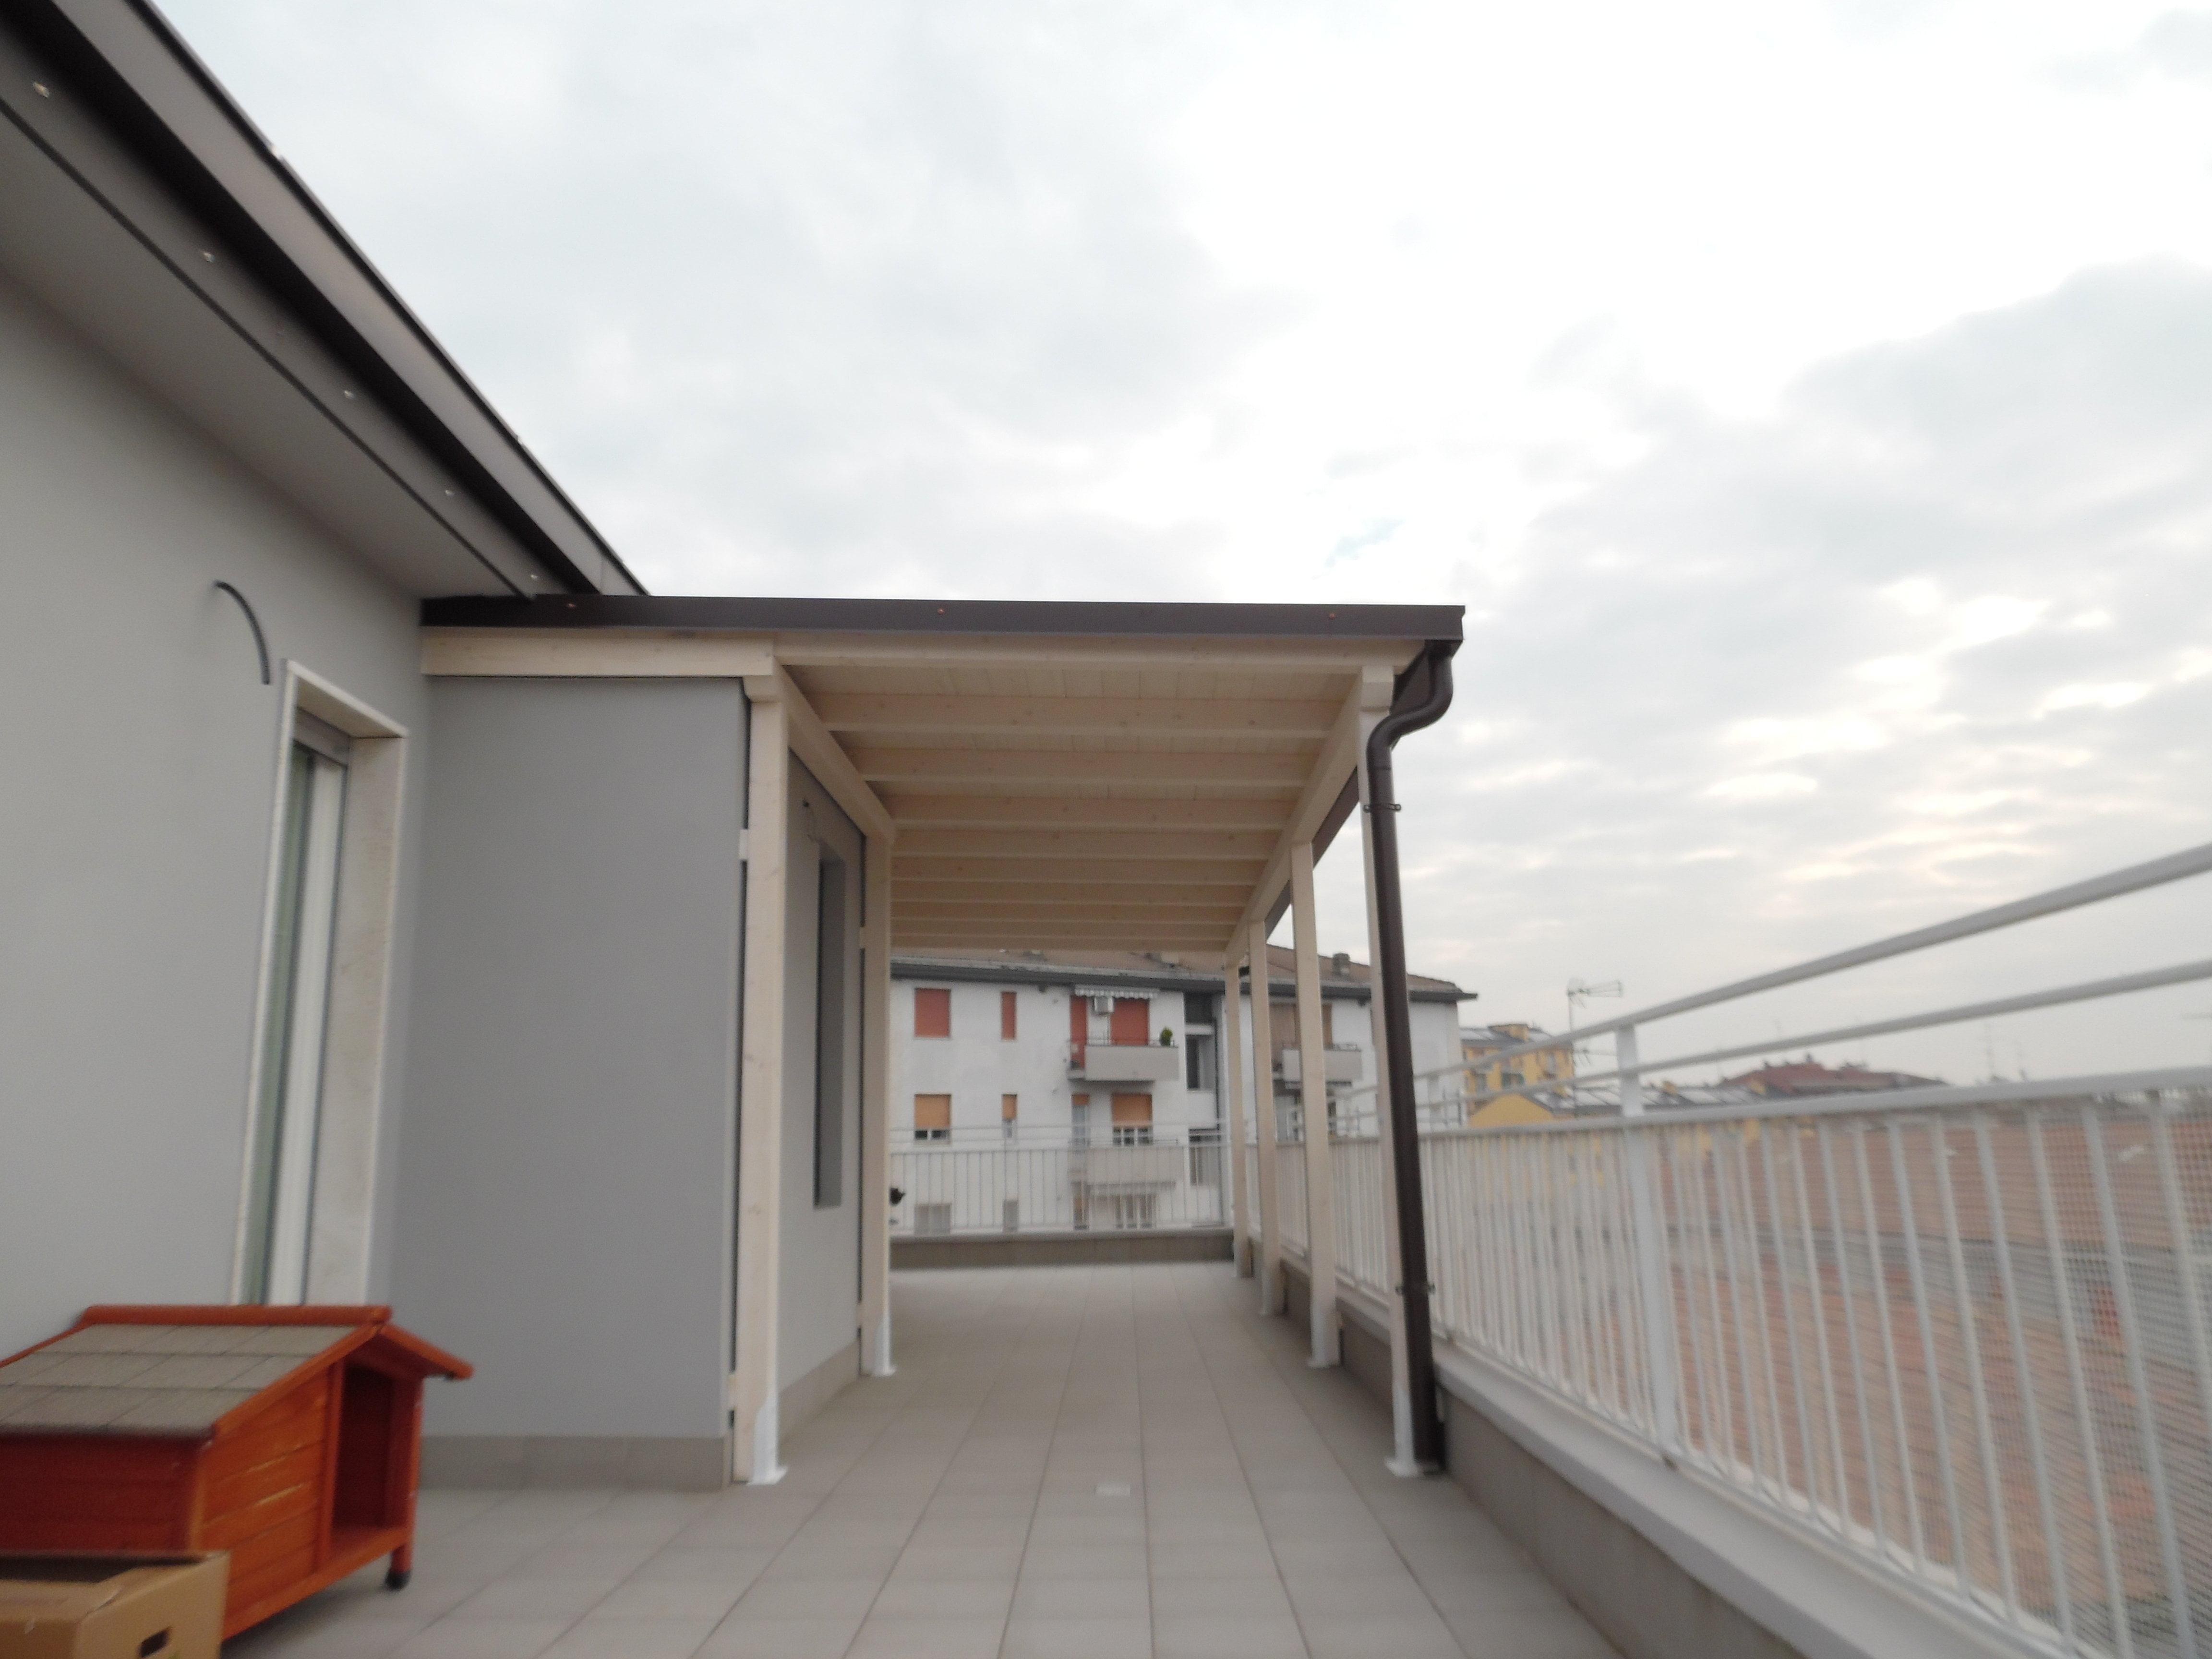 Tettoia in legno per eterno su balcone. Finitura bianco ...